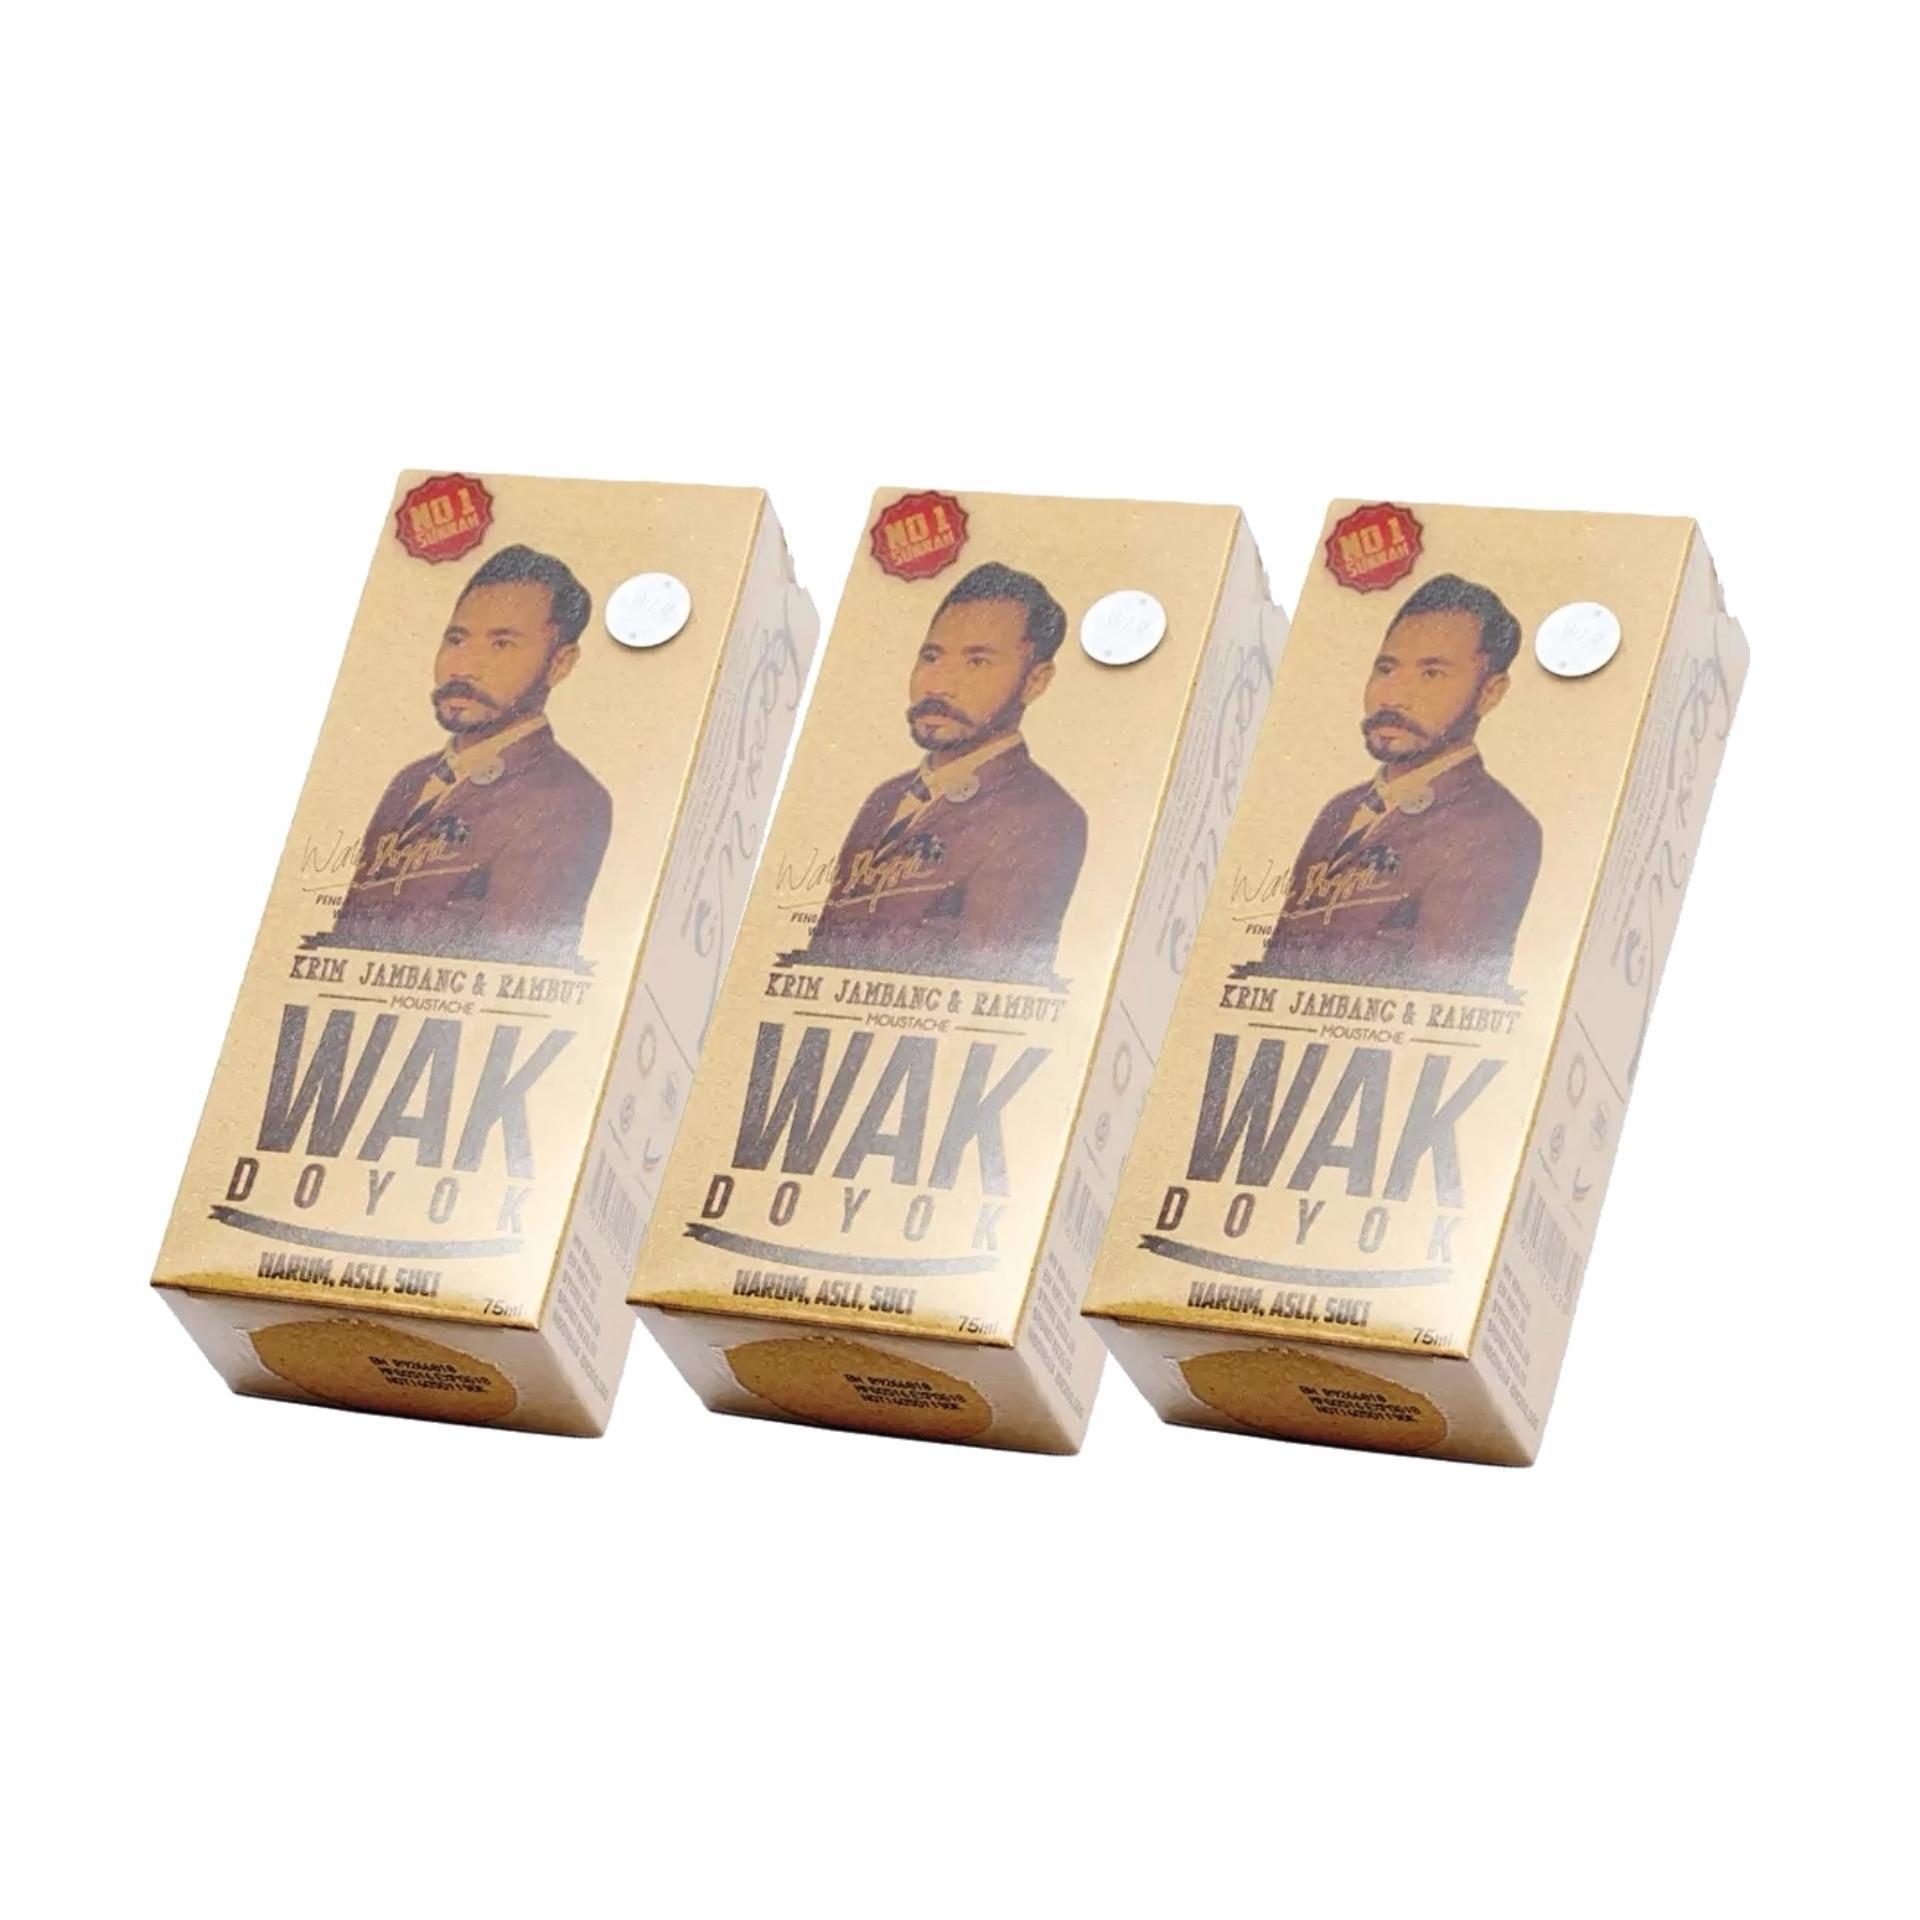 ... Wak Doyok Berhologram Original Cream Penumbuh Jambang Herbal - DadaKumis Bulu Jenggot Rambut - 75 ml ...